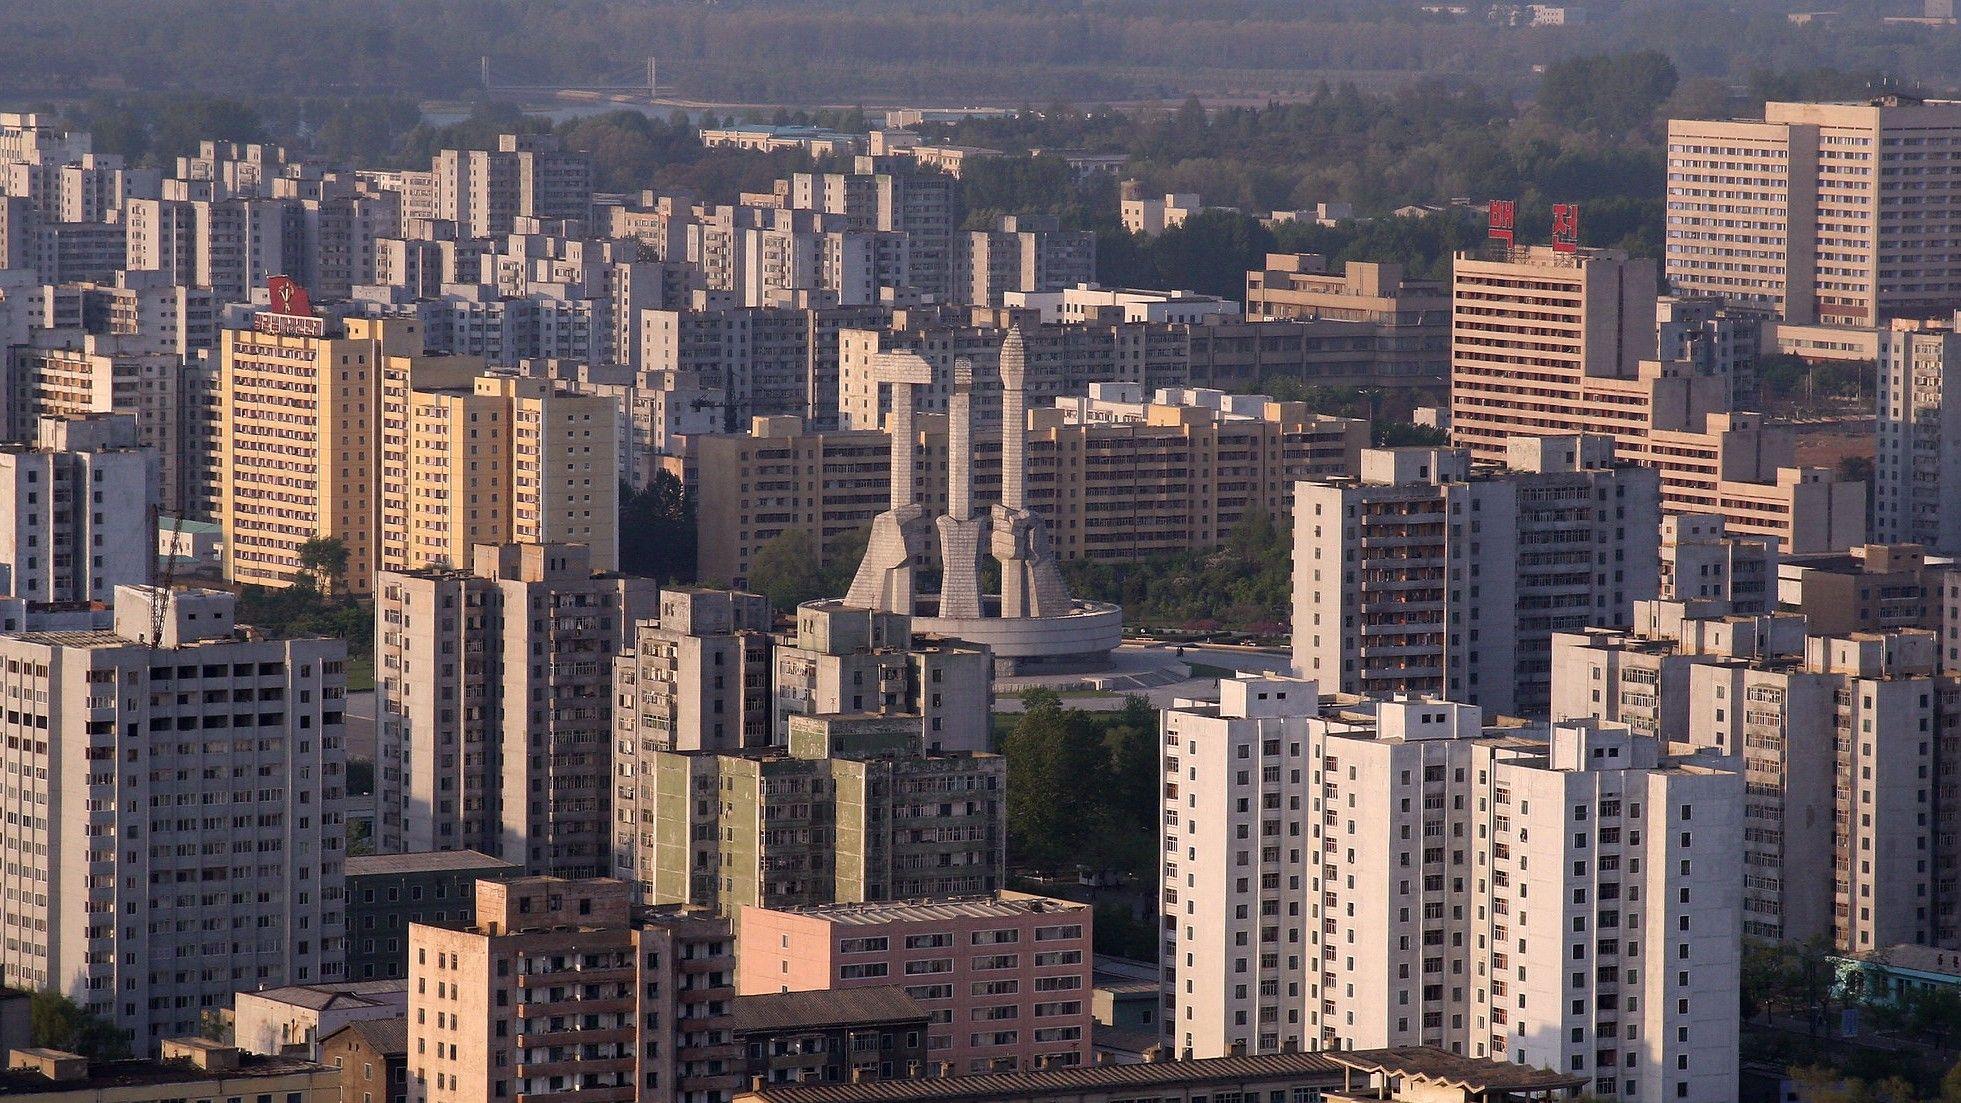 北朝鮮の暗号通貨会議に国連が警告、出席は制裁違反の恐れ